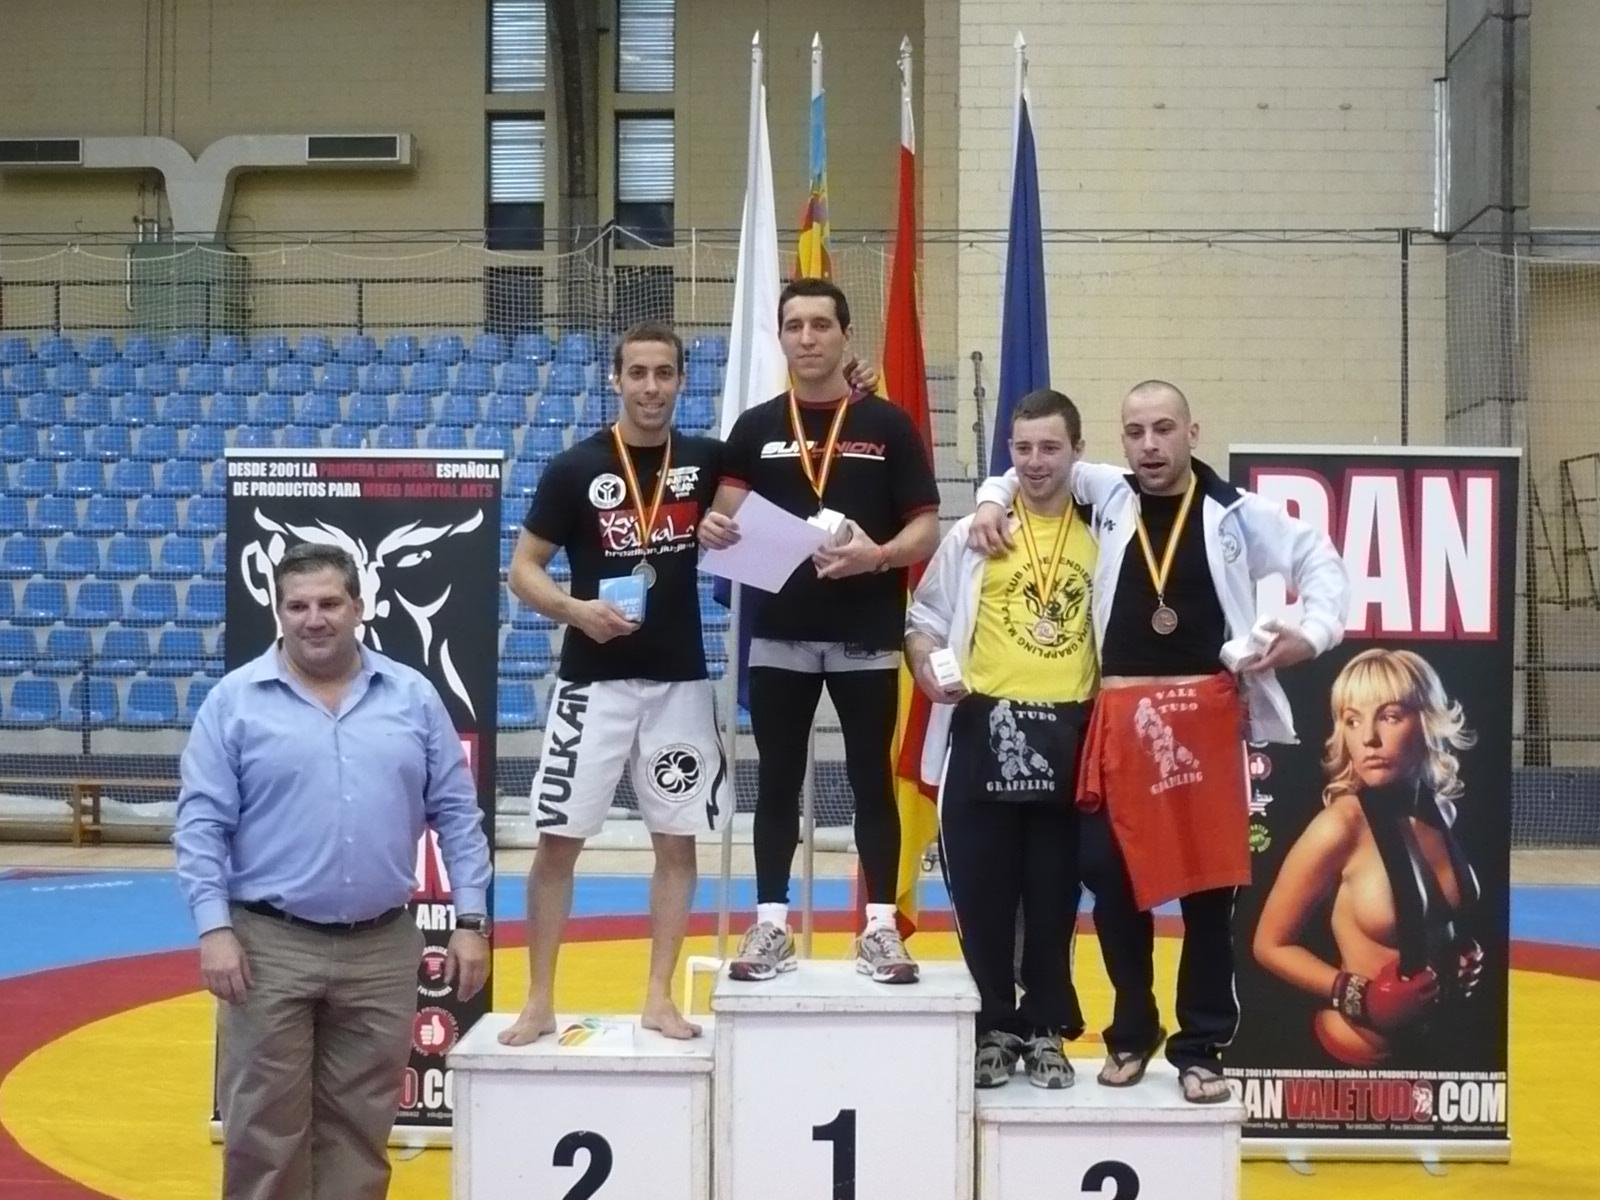 Sergio Calderón subcampeón de España de Grappling